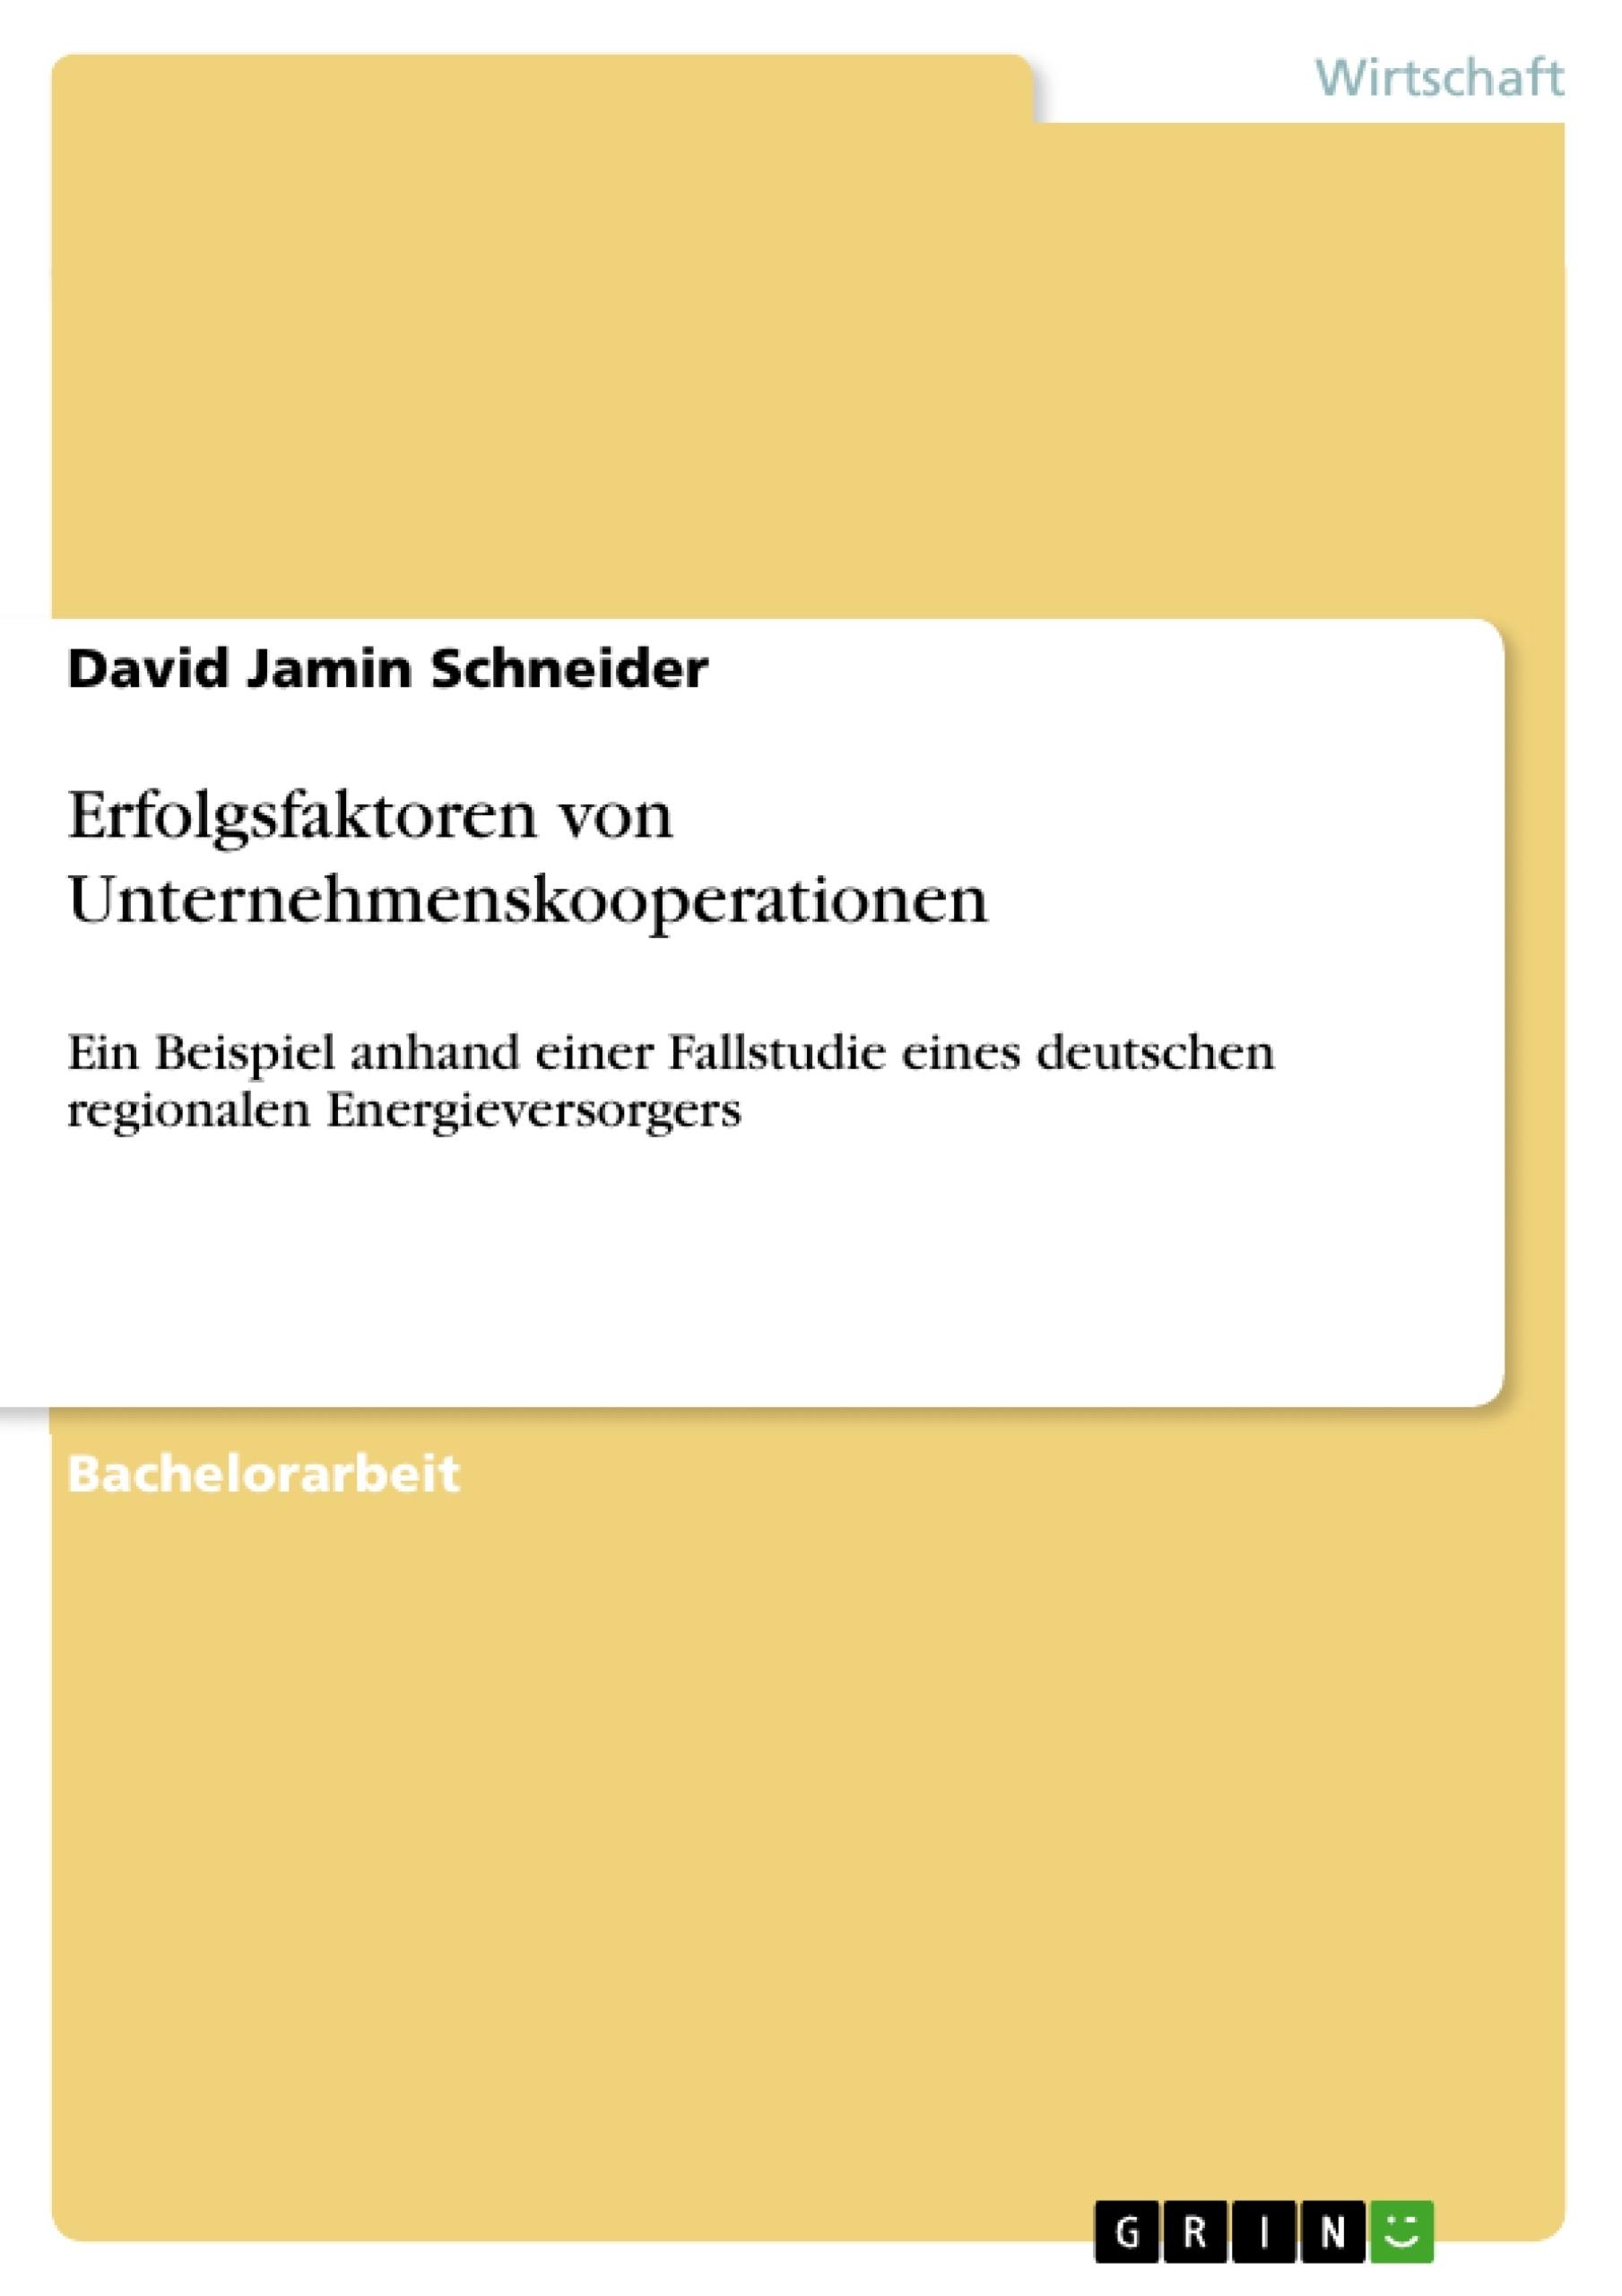 Titel: Erfolgsfaktoren von Unternehmenskooperationen